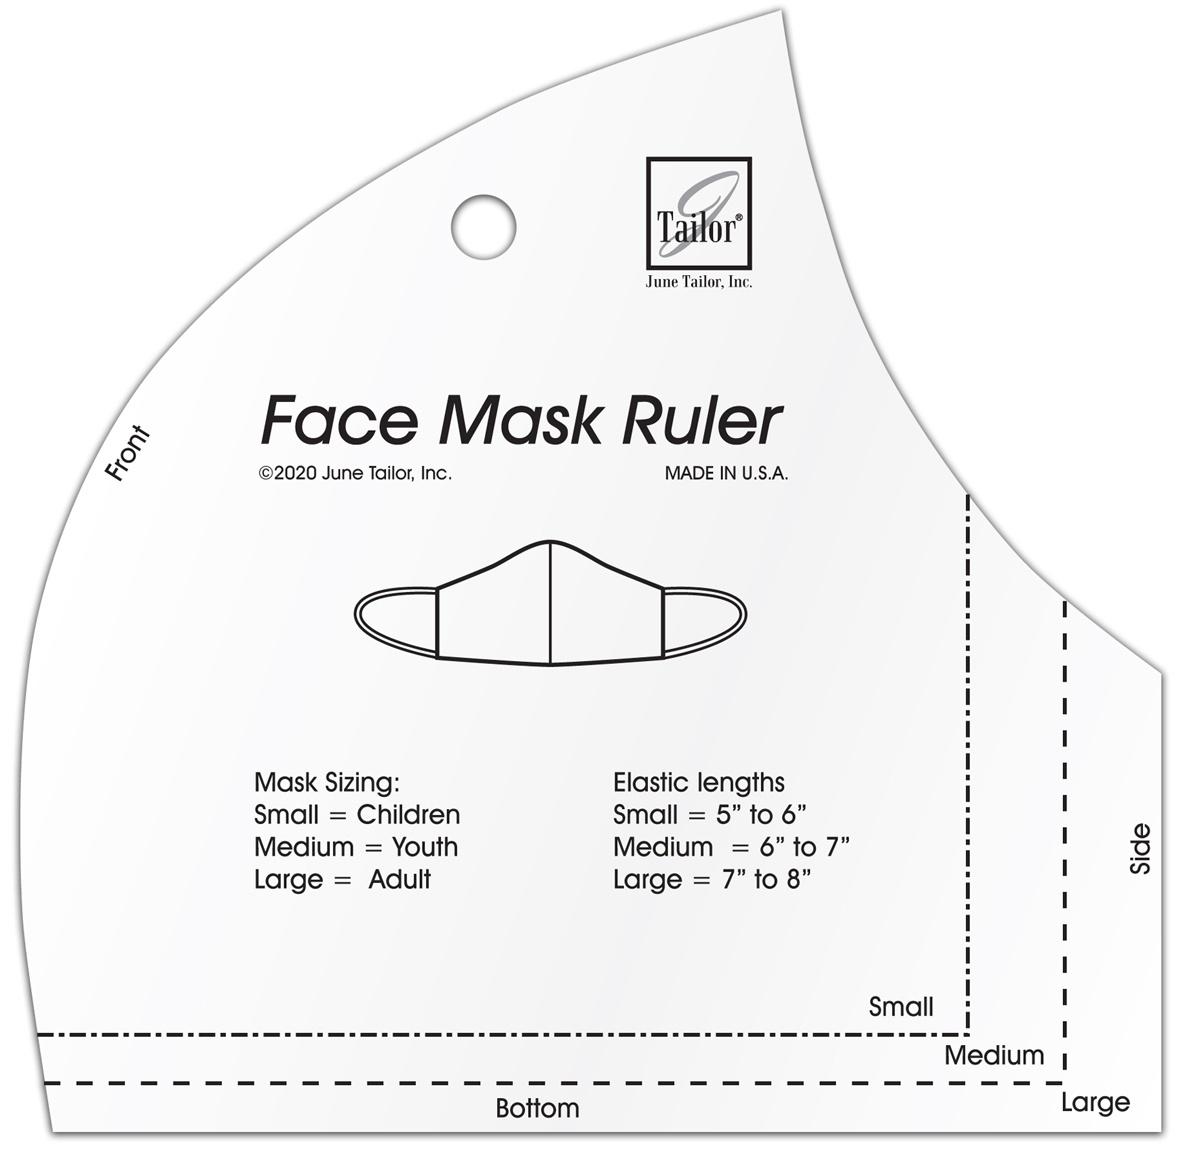 June Tailor Face Mask Ruler